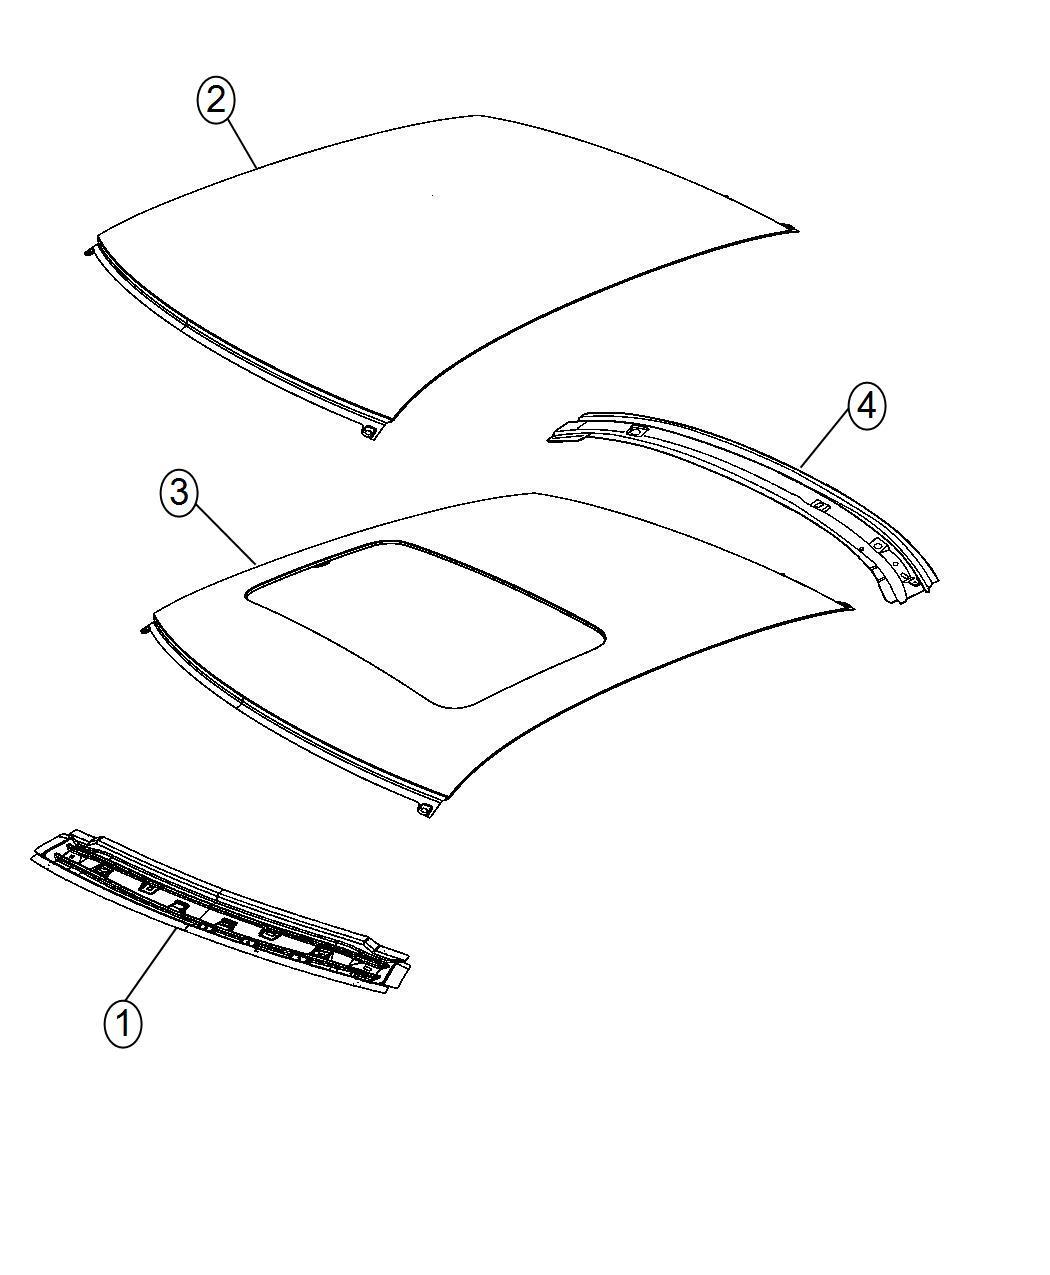 2014 Dodge Charger Bow Roof 68044570ac Mopar Parts Inc